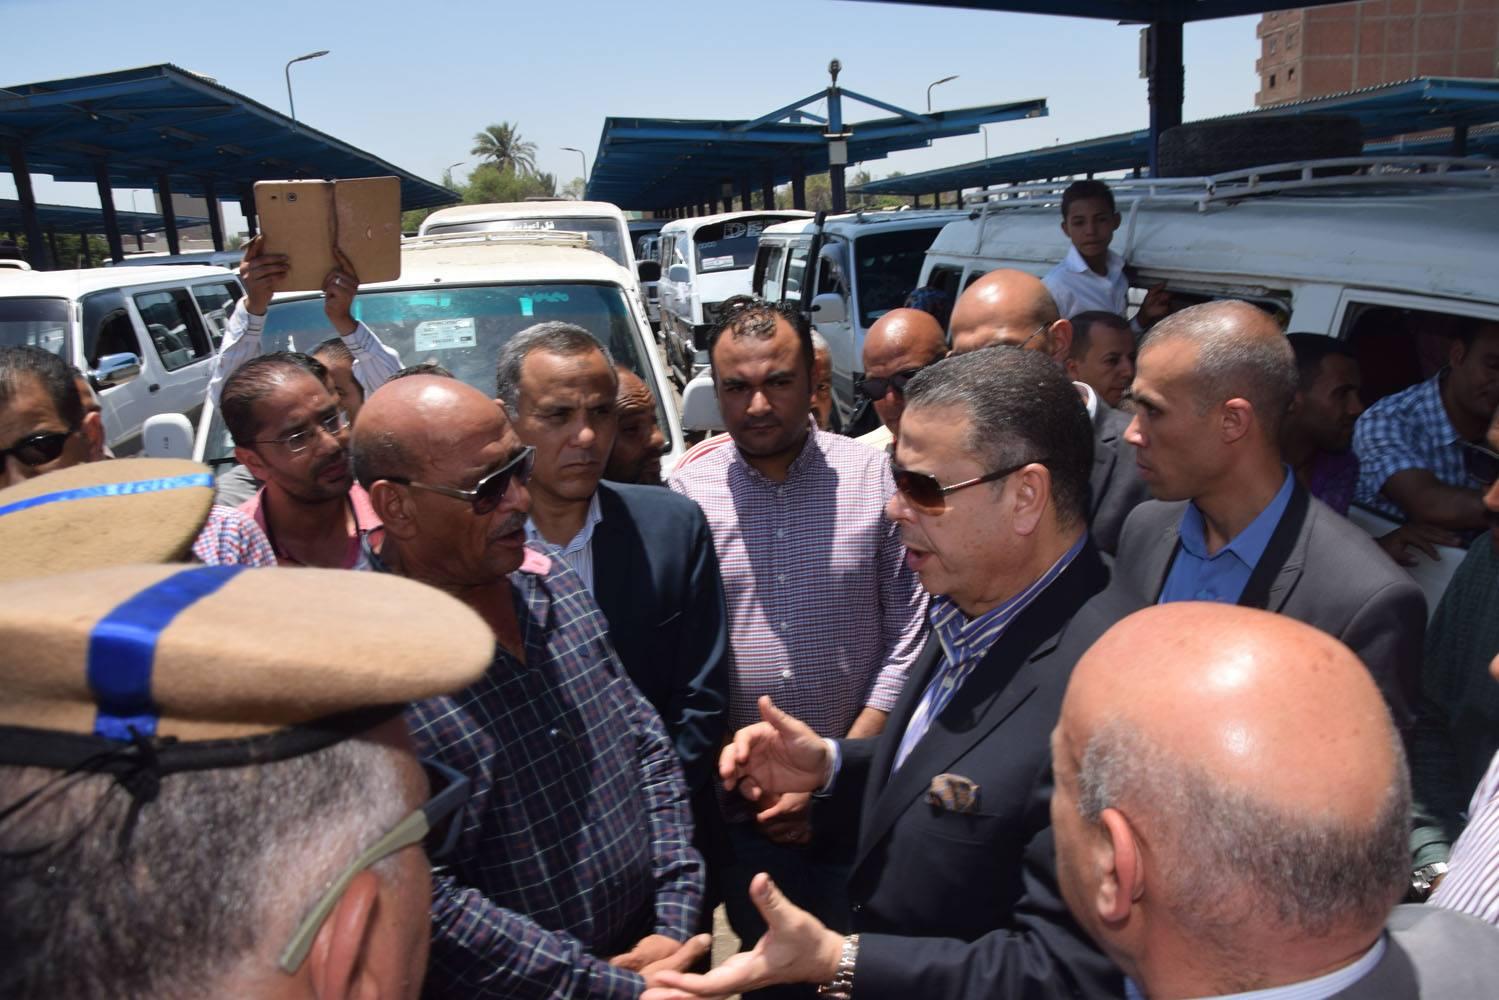 صور| محافظ بنى سويف يتابع انتظام الخدمة بمواقف سيارات الأجرة بعد اقرار التعريفة الجديدة